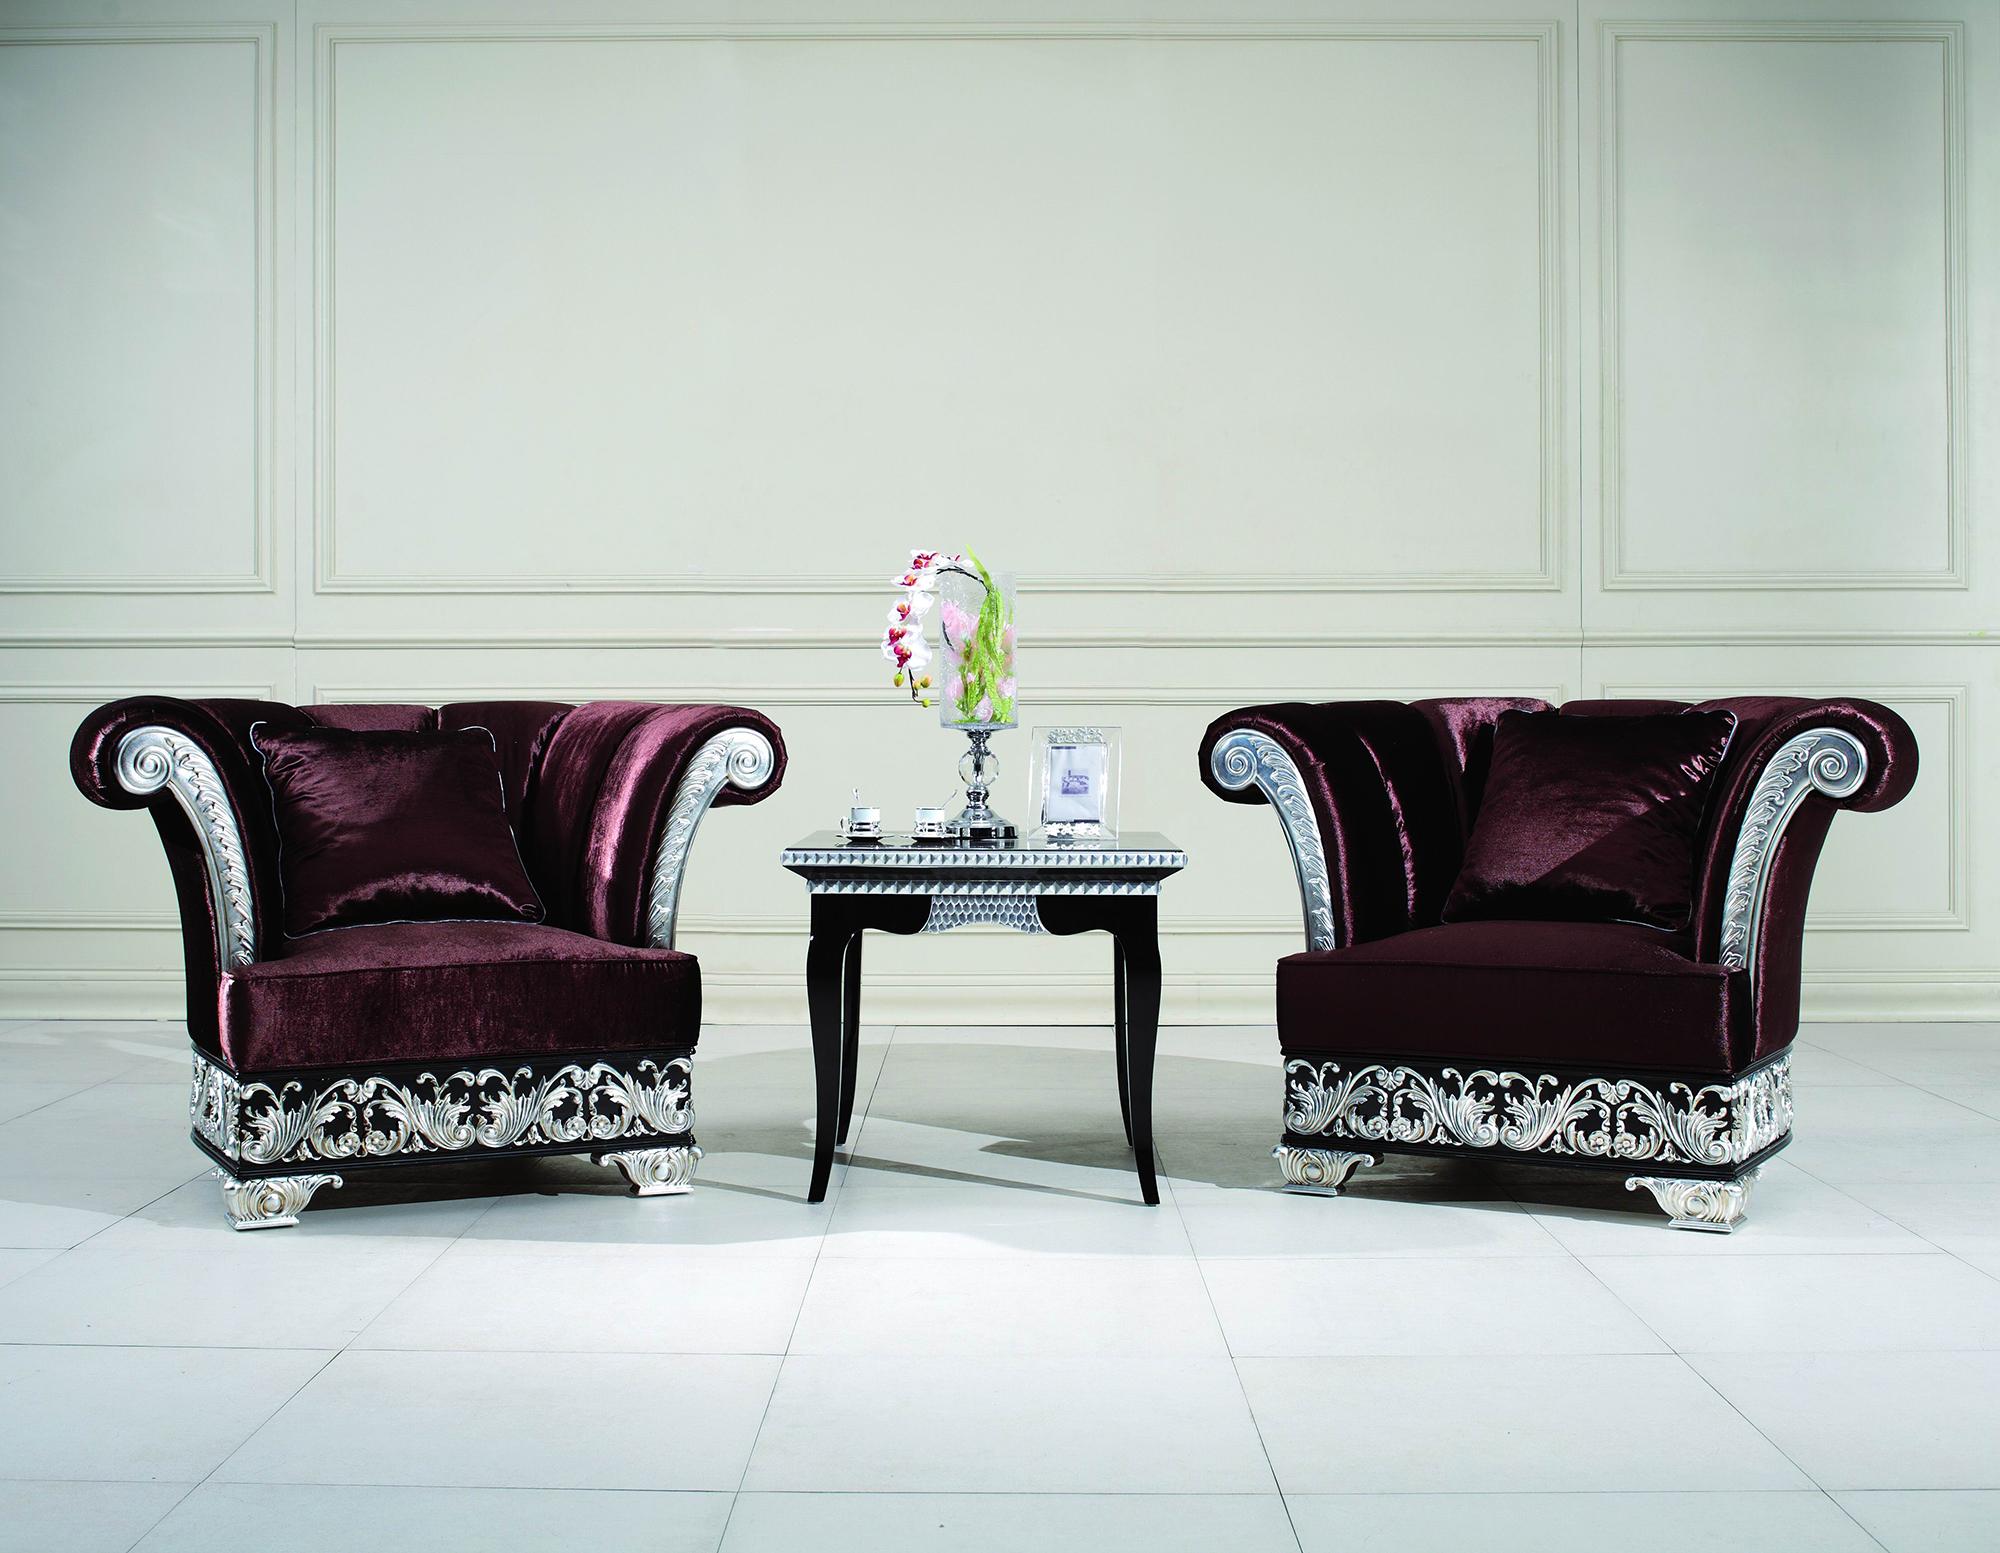 Красивые кресла и столик для гостиной арт-деко